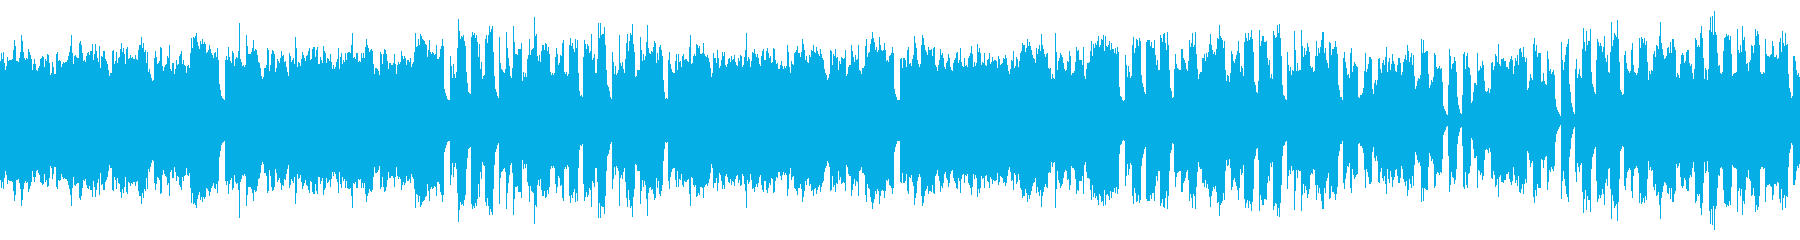 ループ素材 ほのぼのとしたゲーム音楽の再生済みの波形